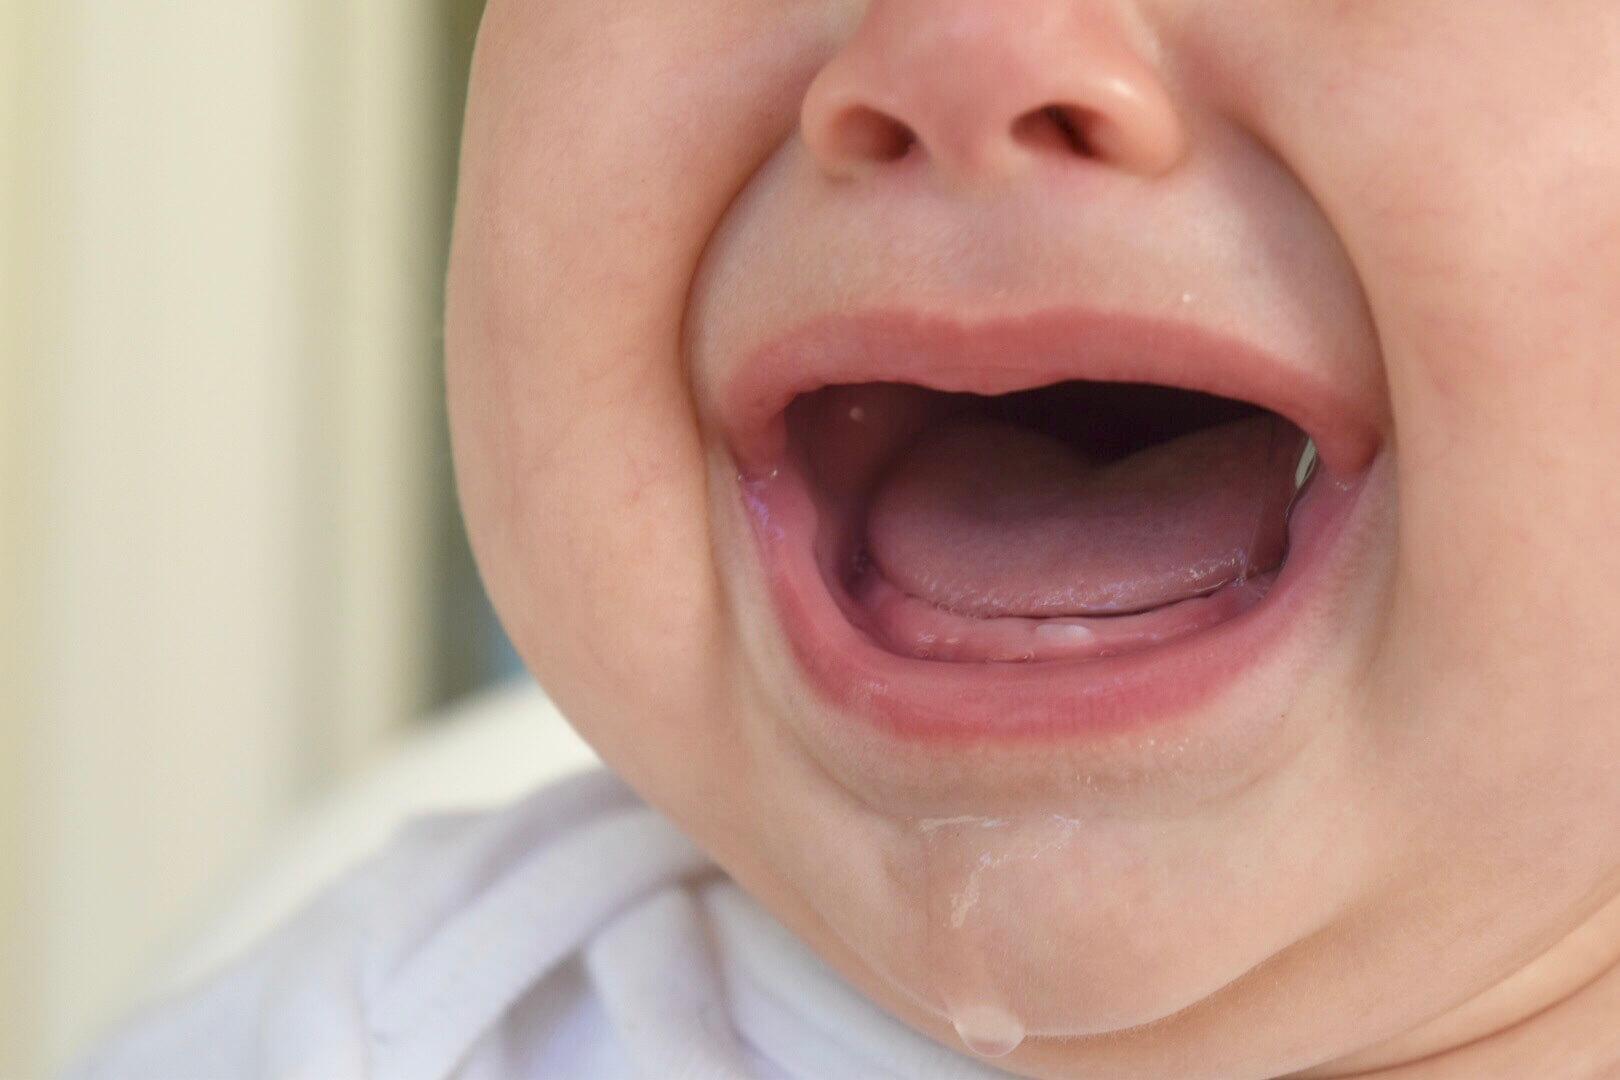 tips-for-teething-baby.jpg